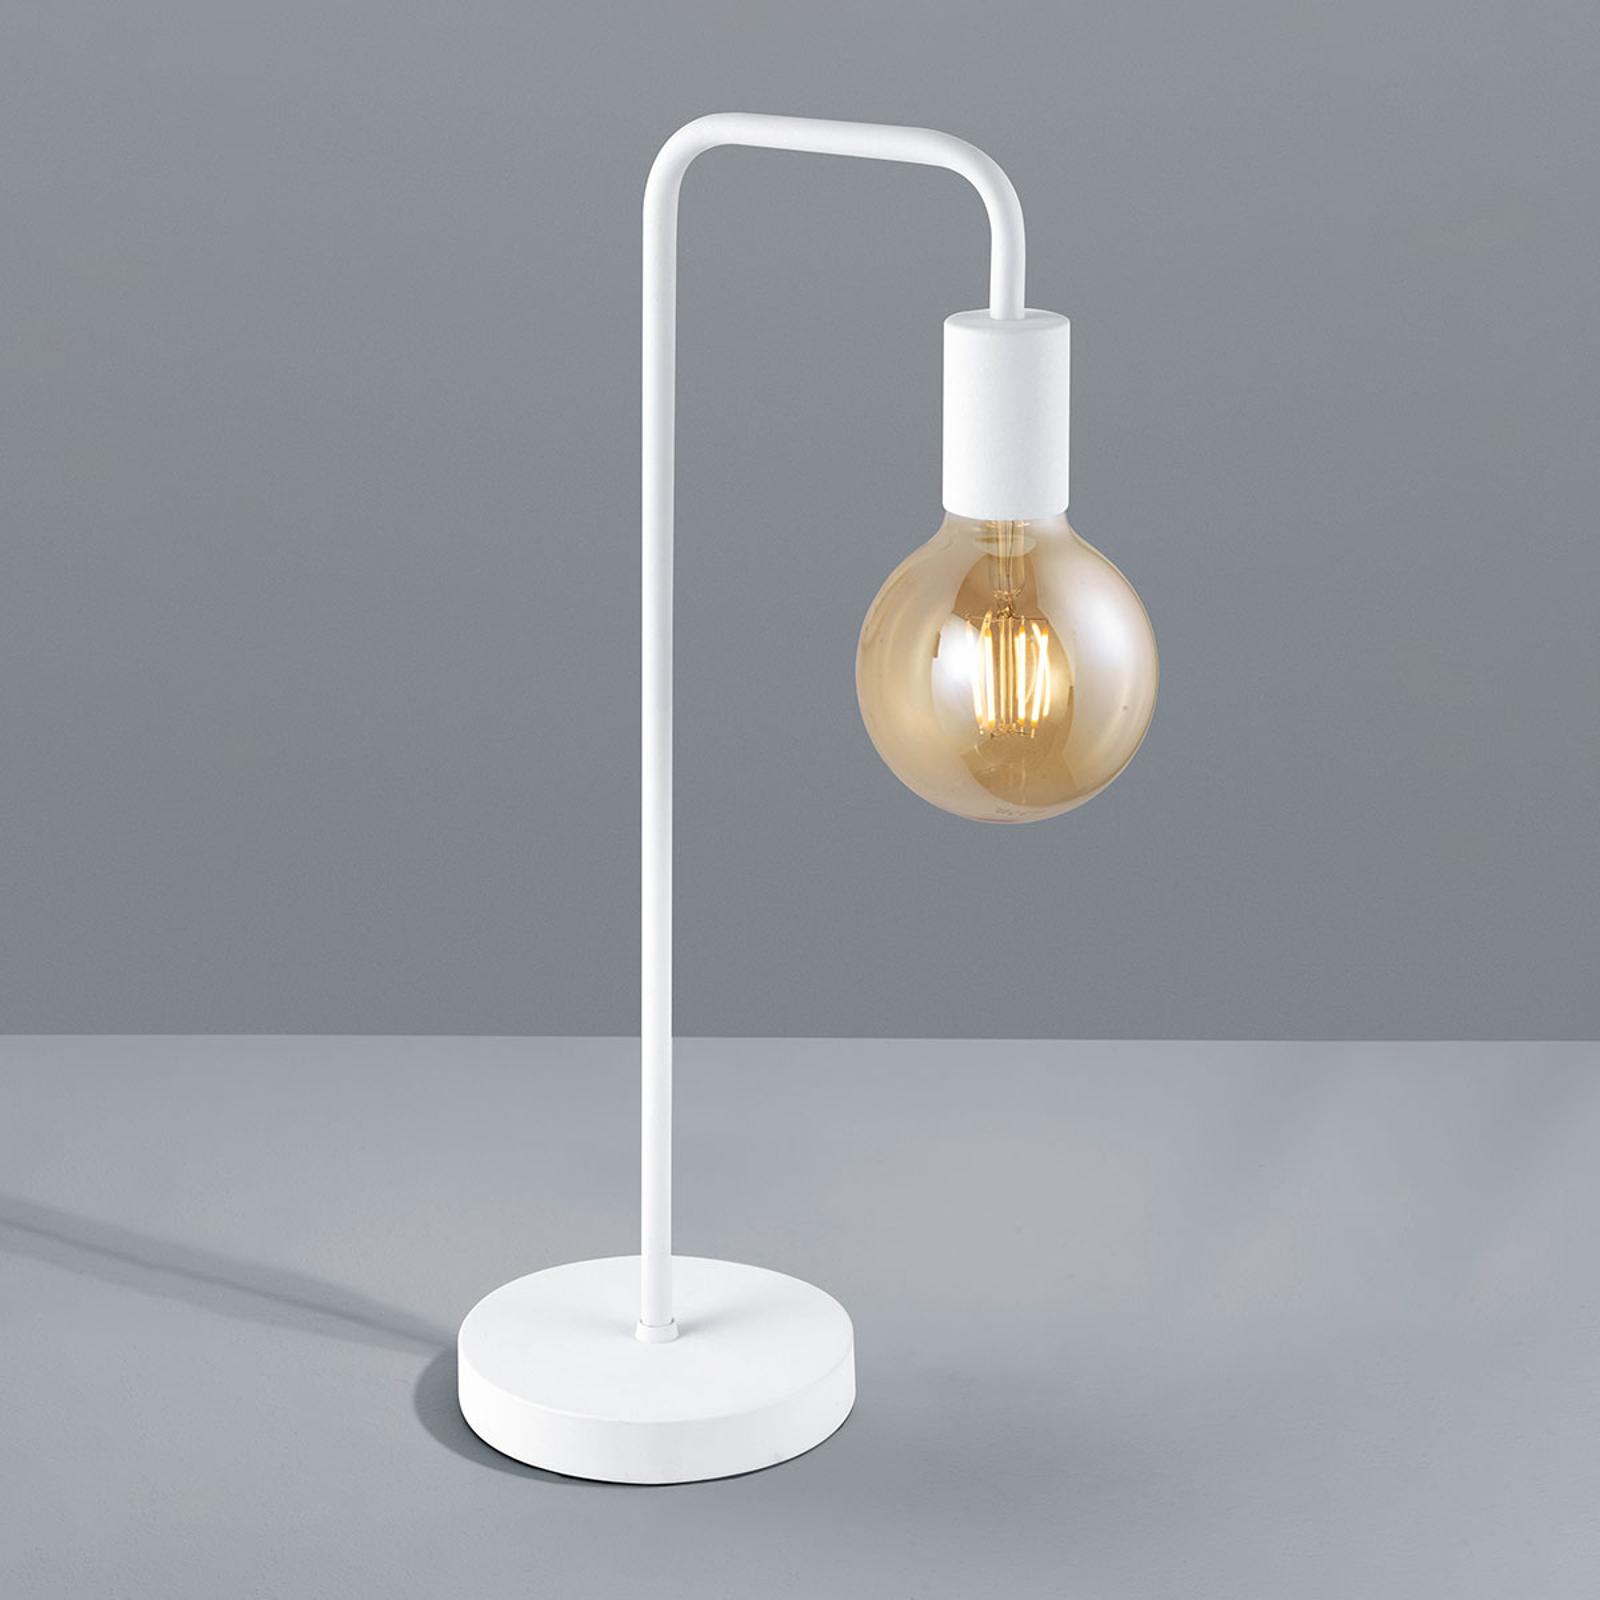 Vegglampe Diallo uten skjerm matt hvit